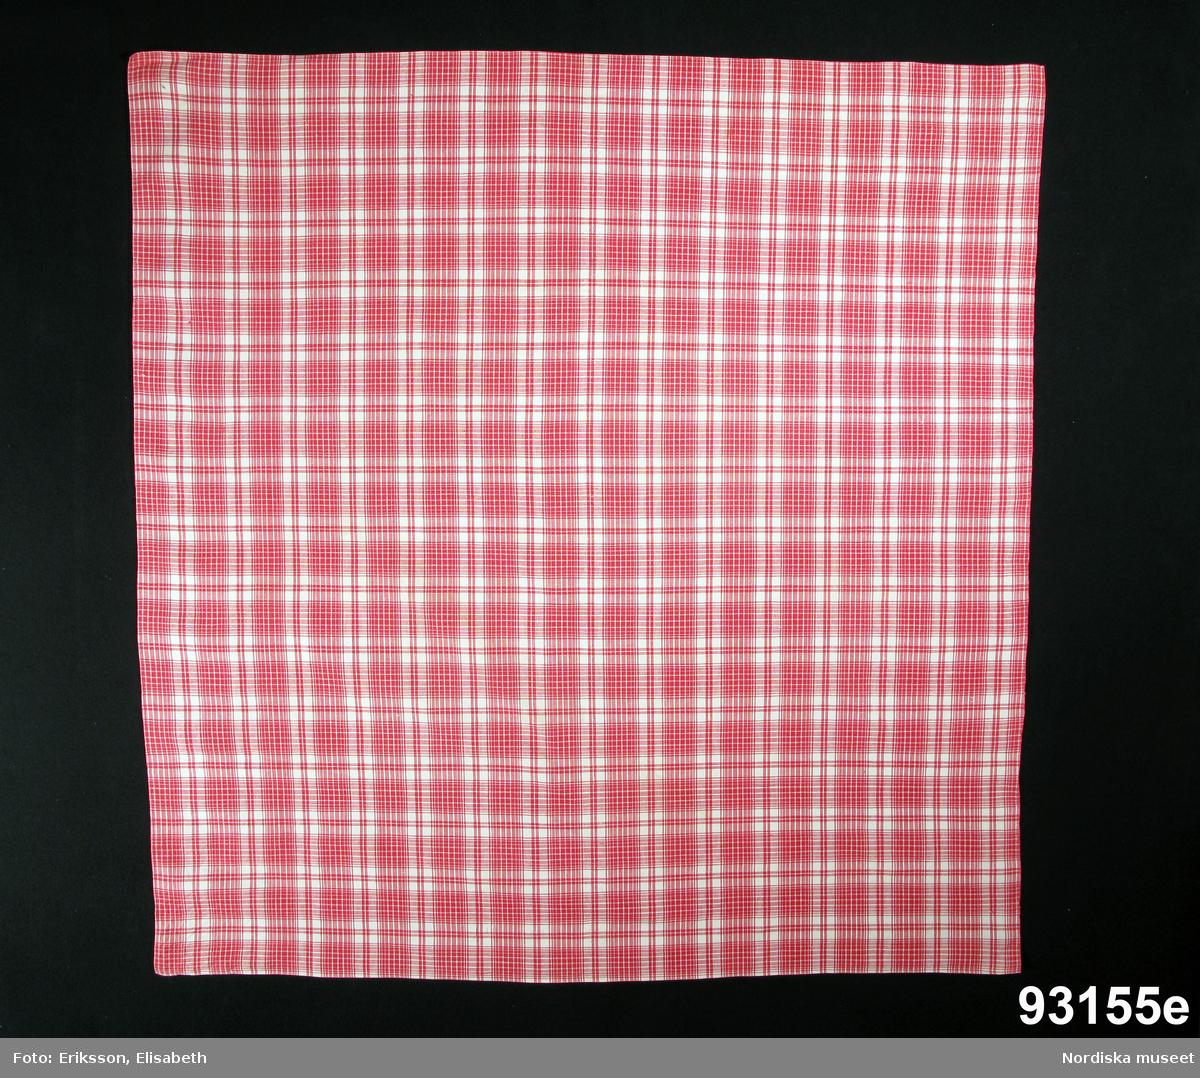 Vinterdräkt för kvinna bestående av 5 plagg, a-e. a. Röd yllekjol b. röd/grönrandig ylletröja c. rutigt förkläde av ylle d. lös halskrage e. röd/vitrutigt huvudkläde.  Huvudduk av tät och fin bomullslärft rutig i rosarött och vitt med smala handsydda fållar runtom. Berit Eldvik 2008-12-01